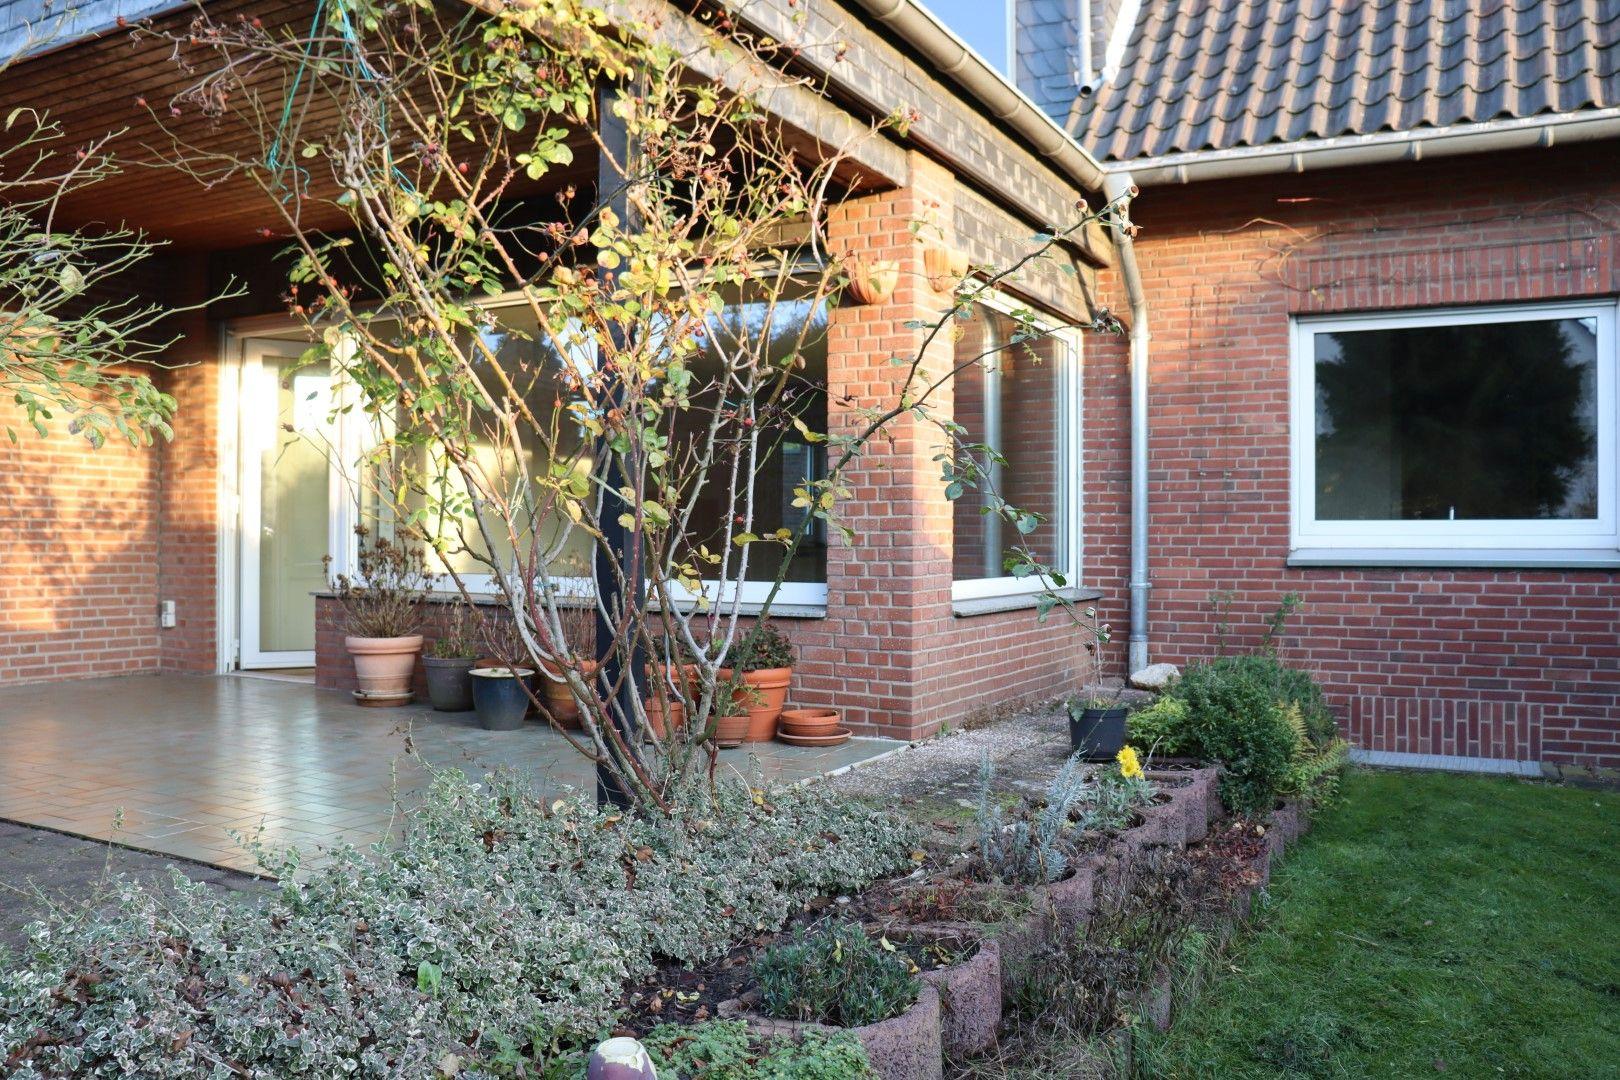 Immobilie Nr.0279 - Freistehendes EFH mit Anbau, Keller und Garage - Bild 18.jpg